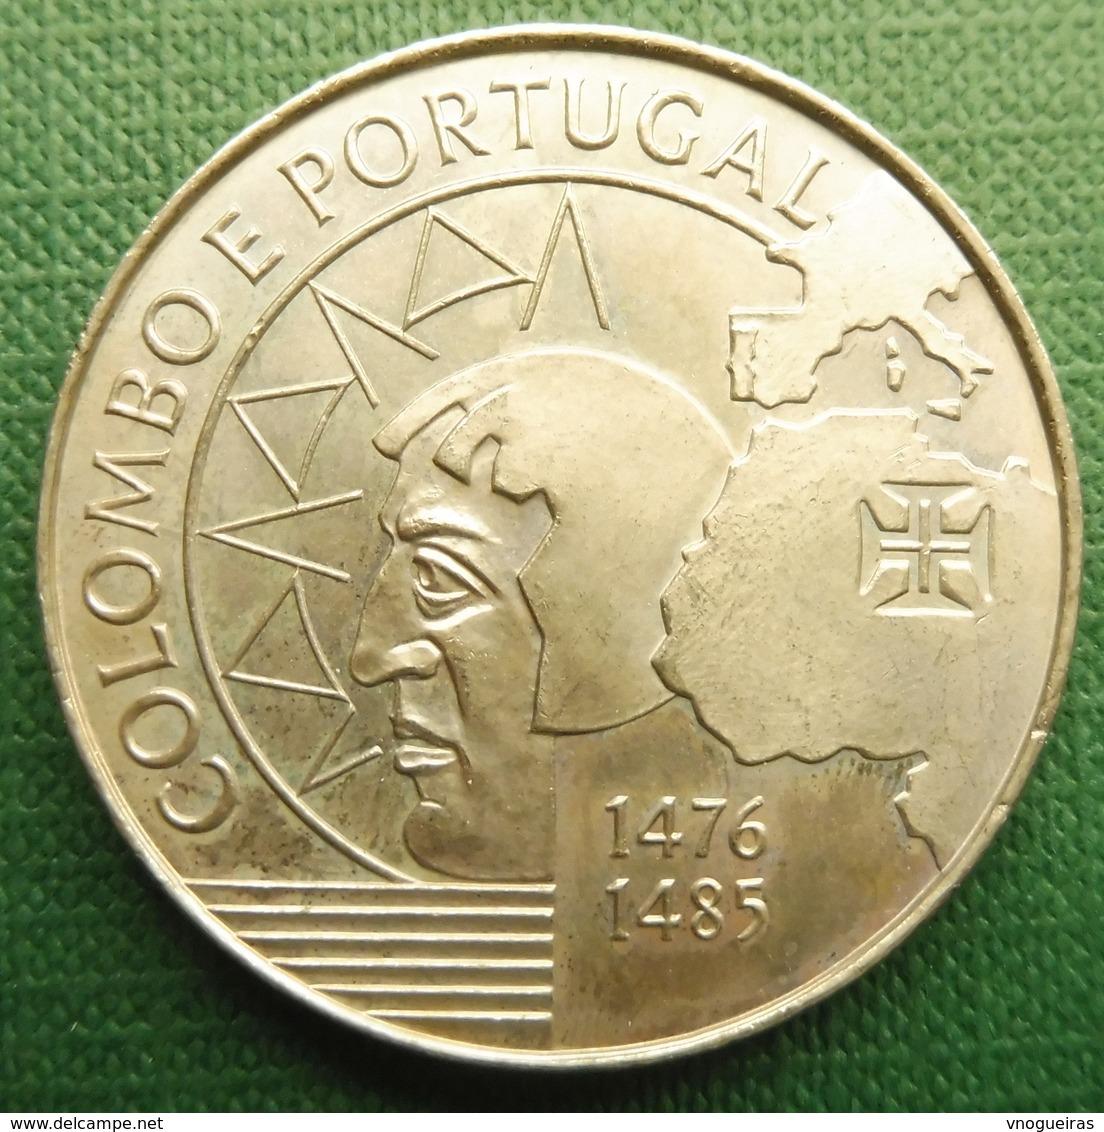 Portugal | 200 Escudos 1991 Colombo E Portugal | KM 658 |  UNC - Portugal